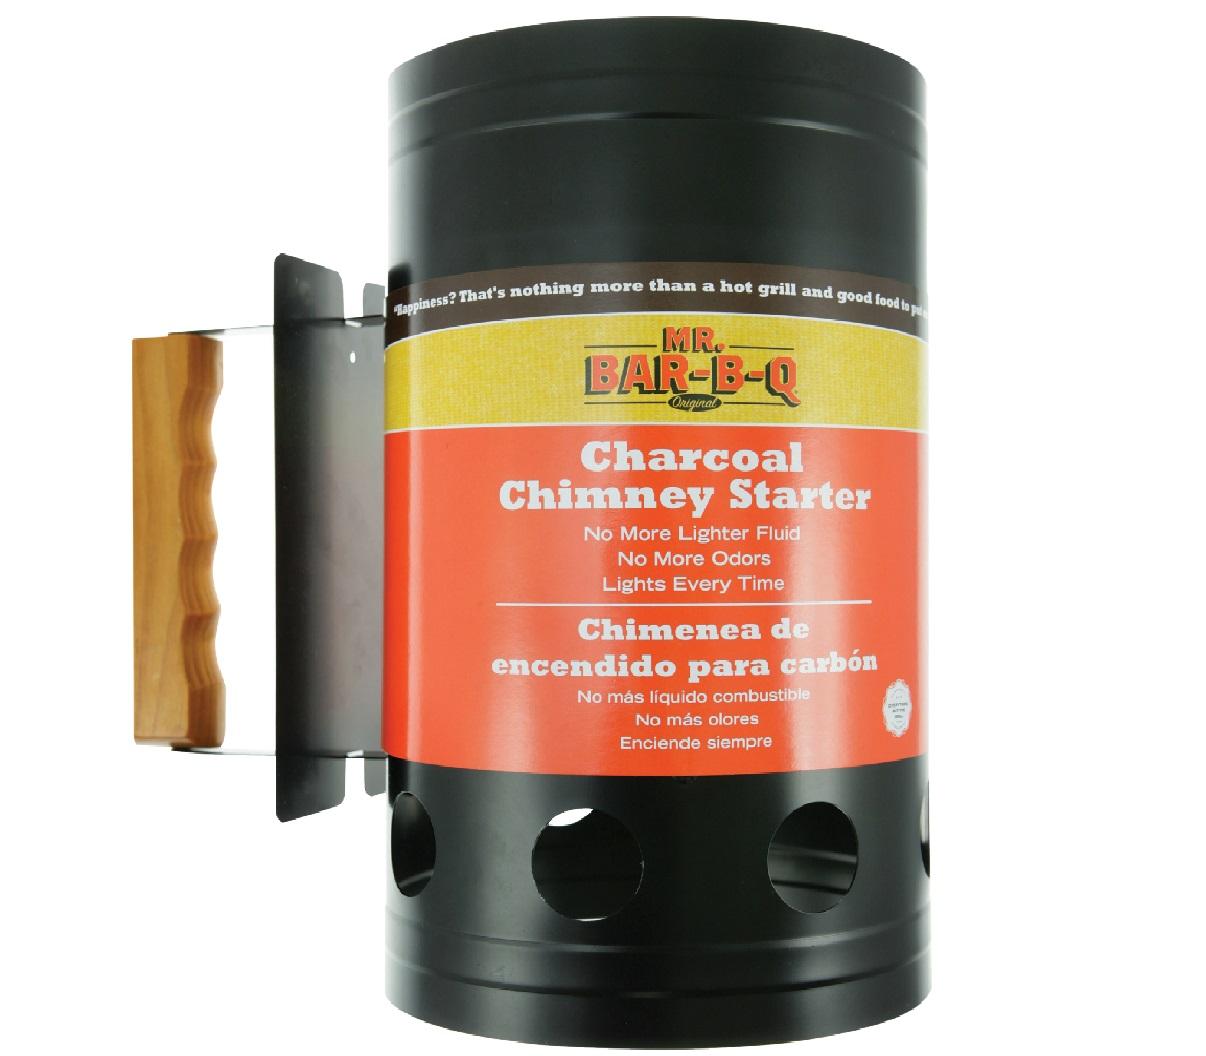 image of a chimney starter